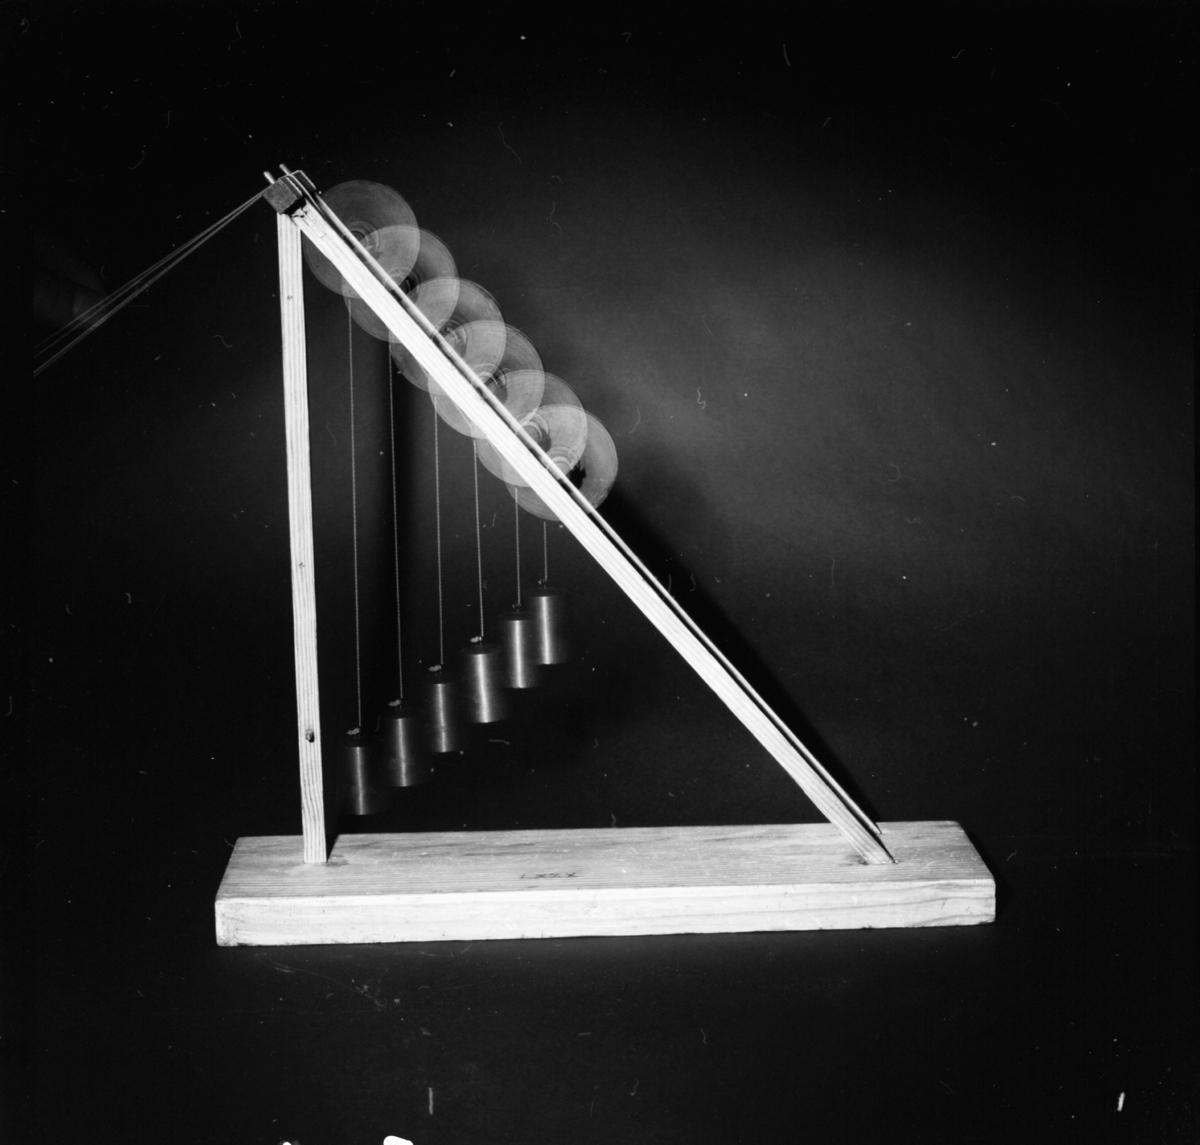 Modell ur Polhems mekaniska alfabet. Text på föremålet: LXXX. Exempel på hur man med hjälp av en vikt kan förstärka en lyftkraft.